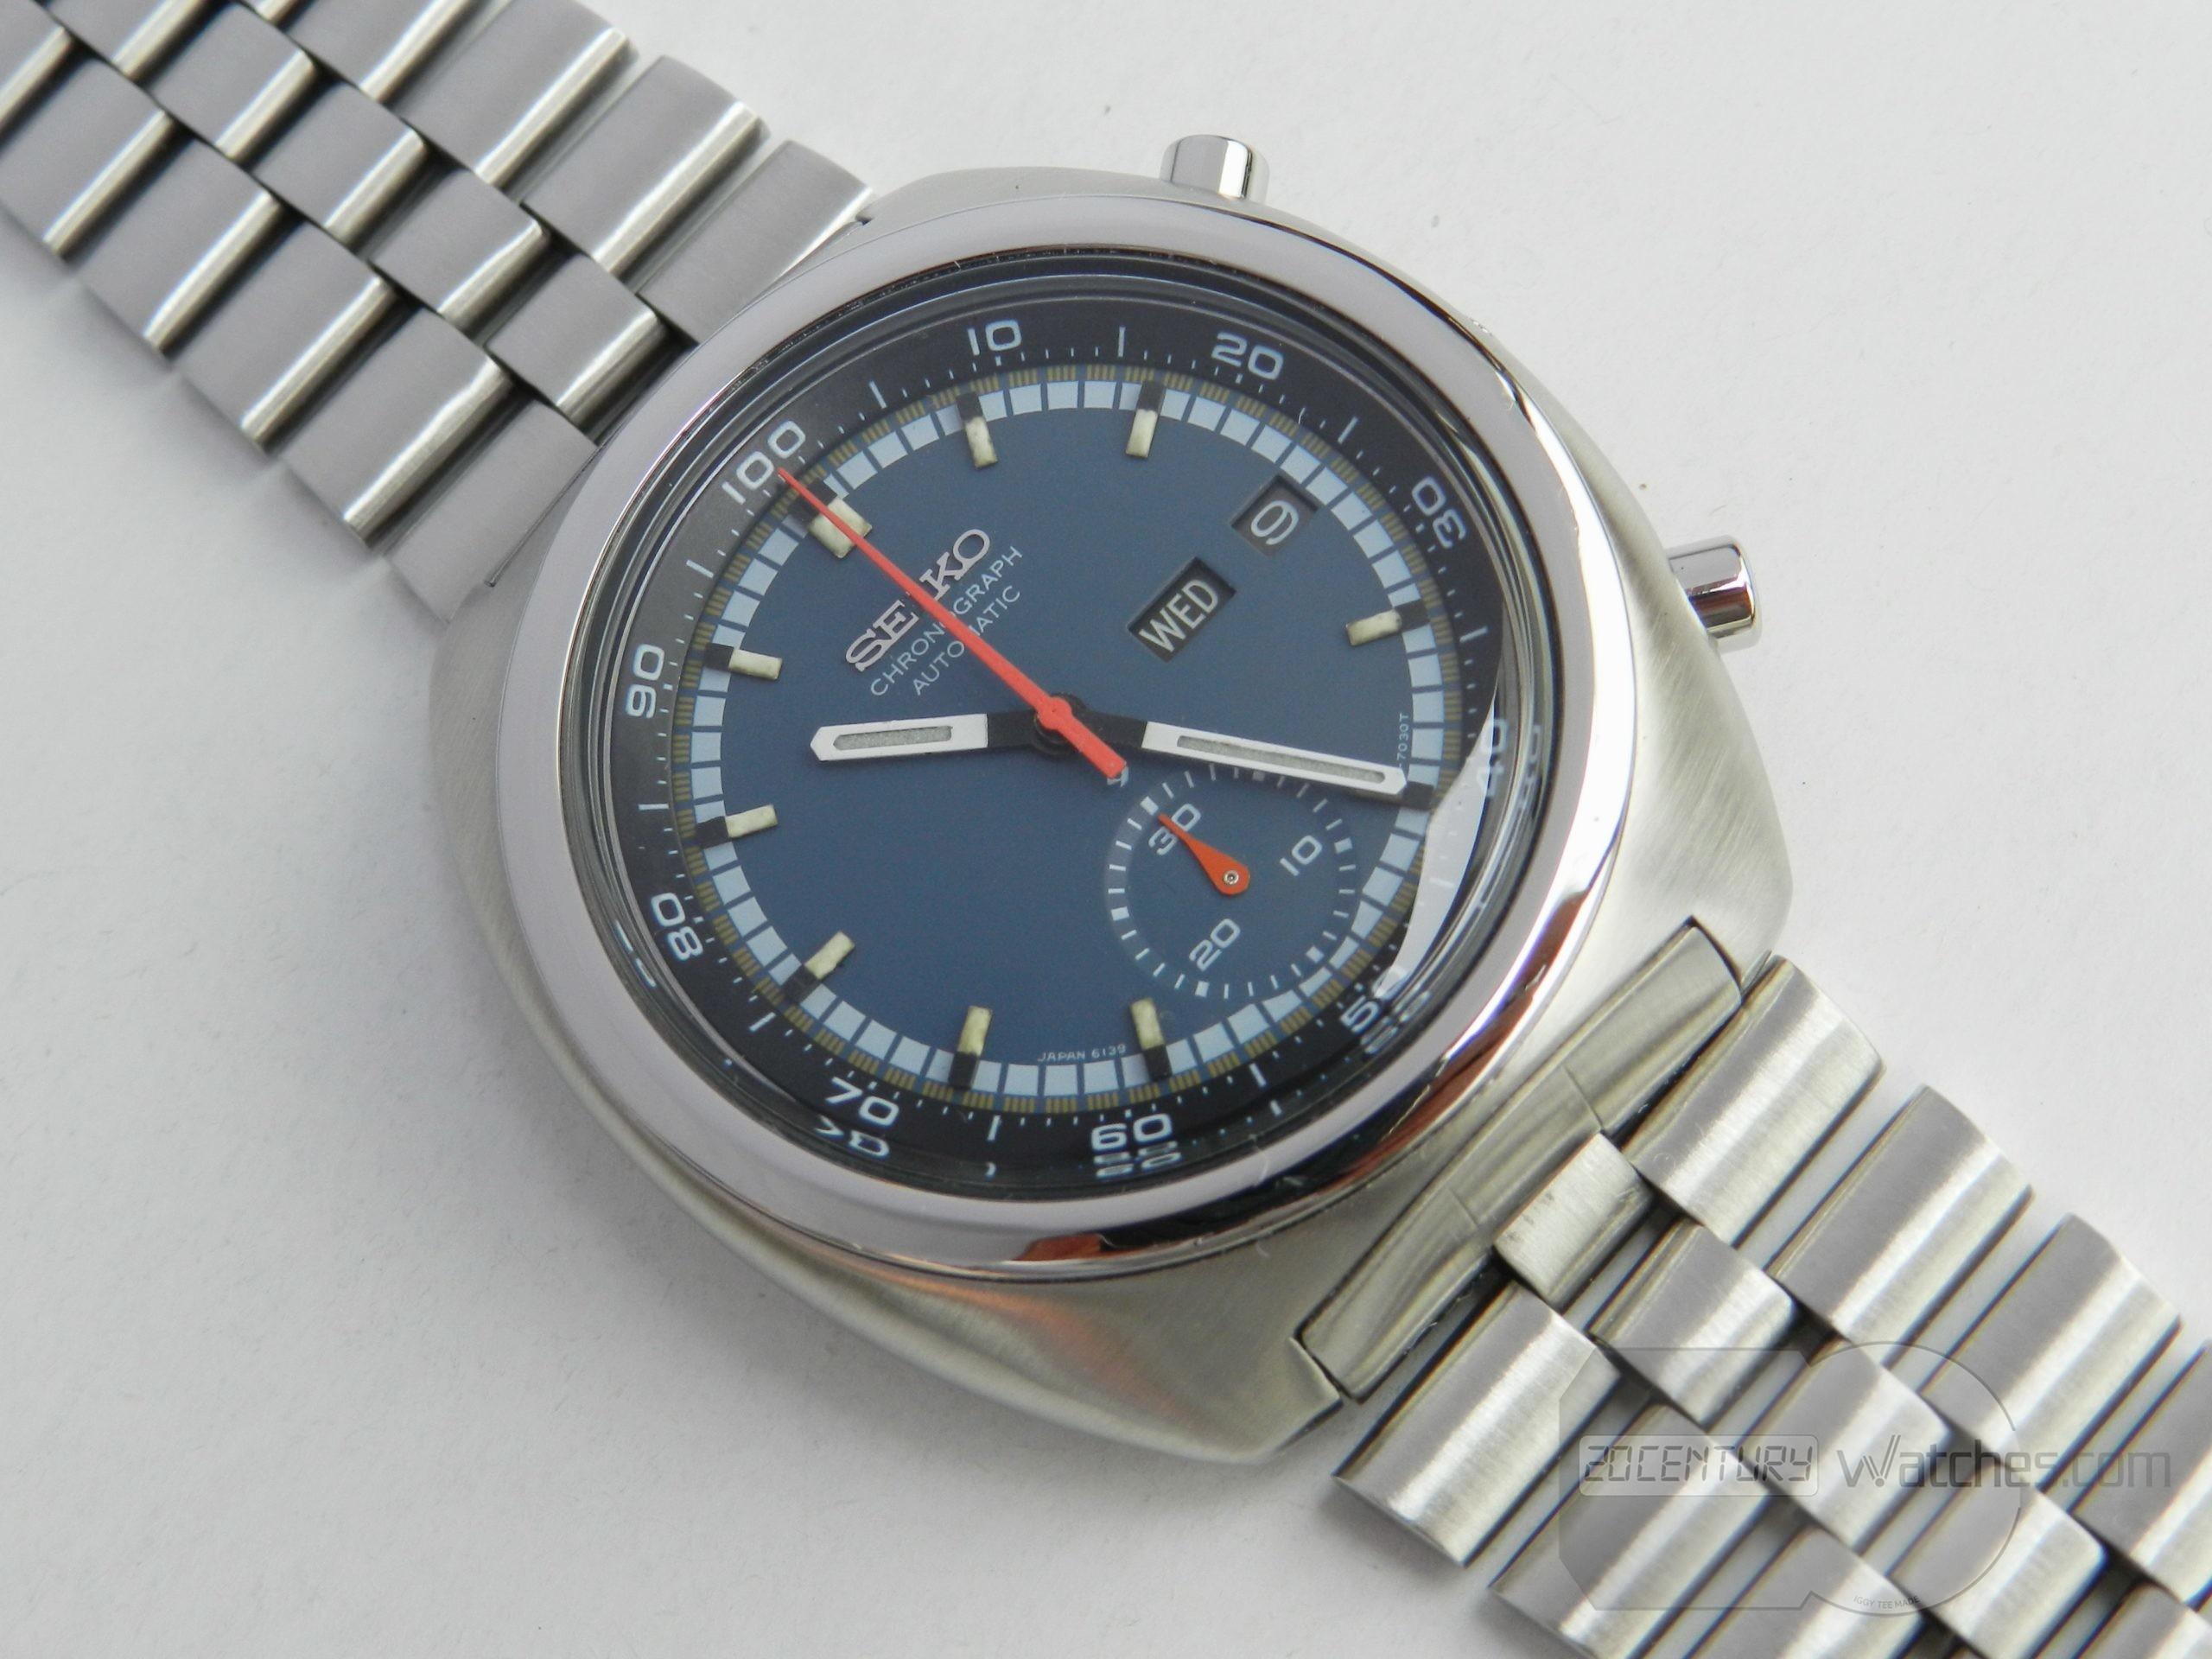 Seiko Chronograph 6139-7002